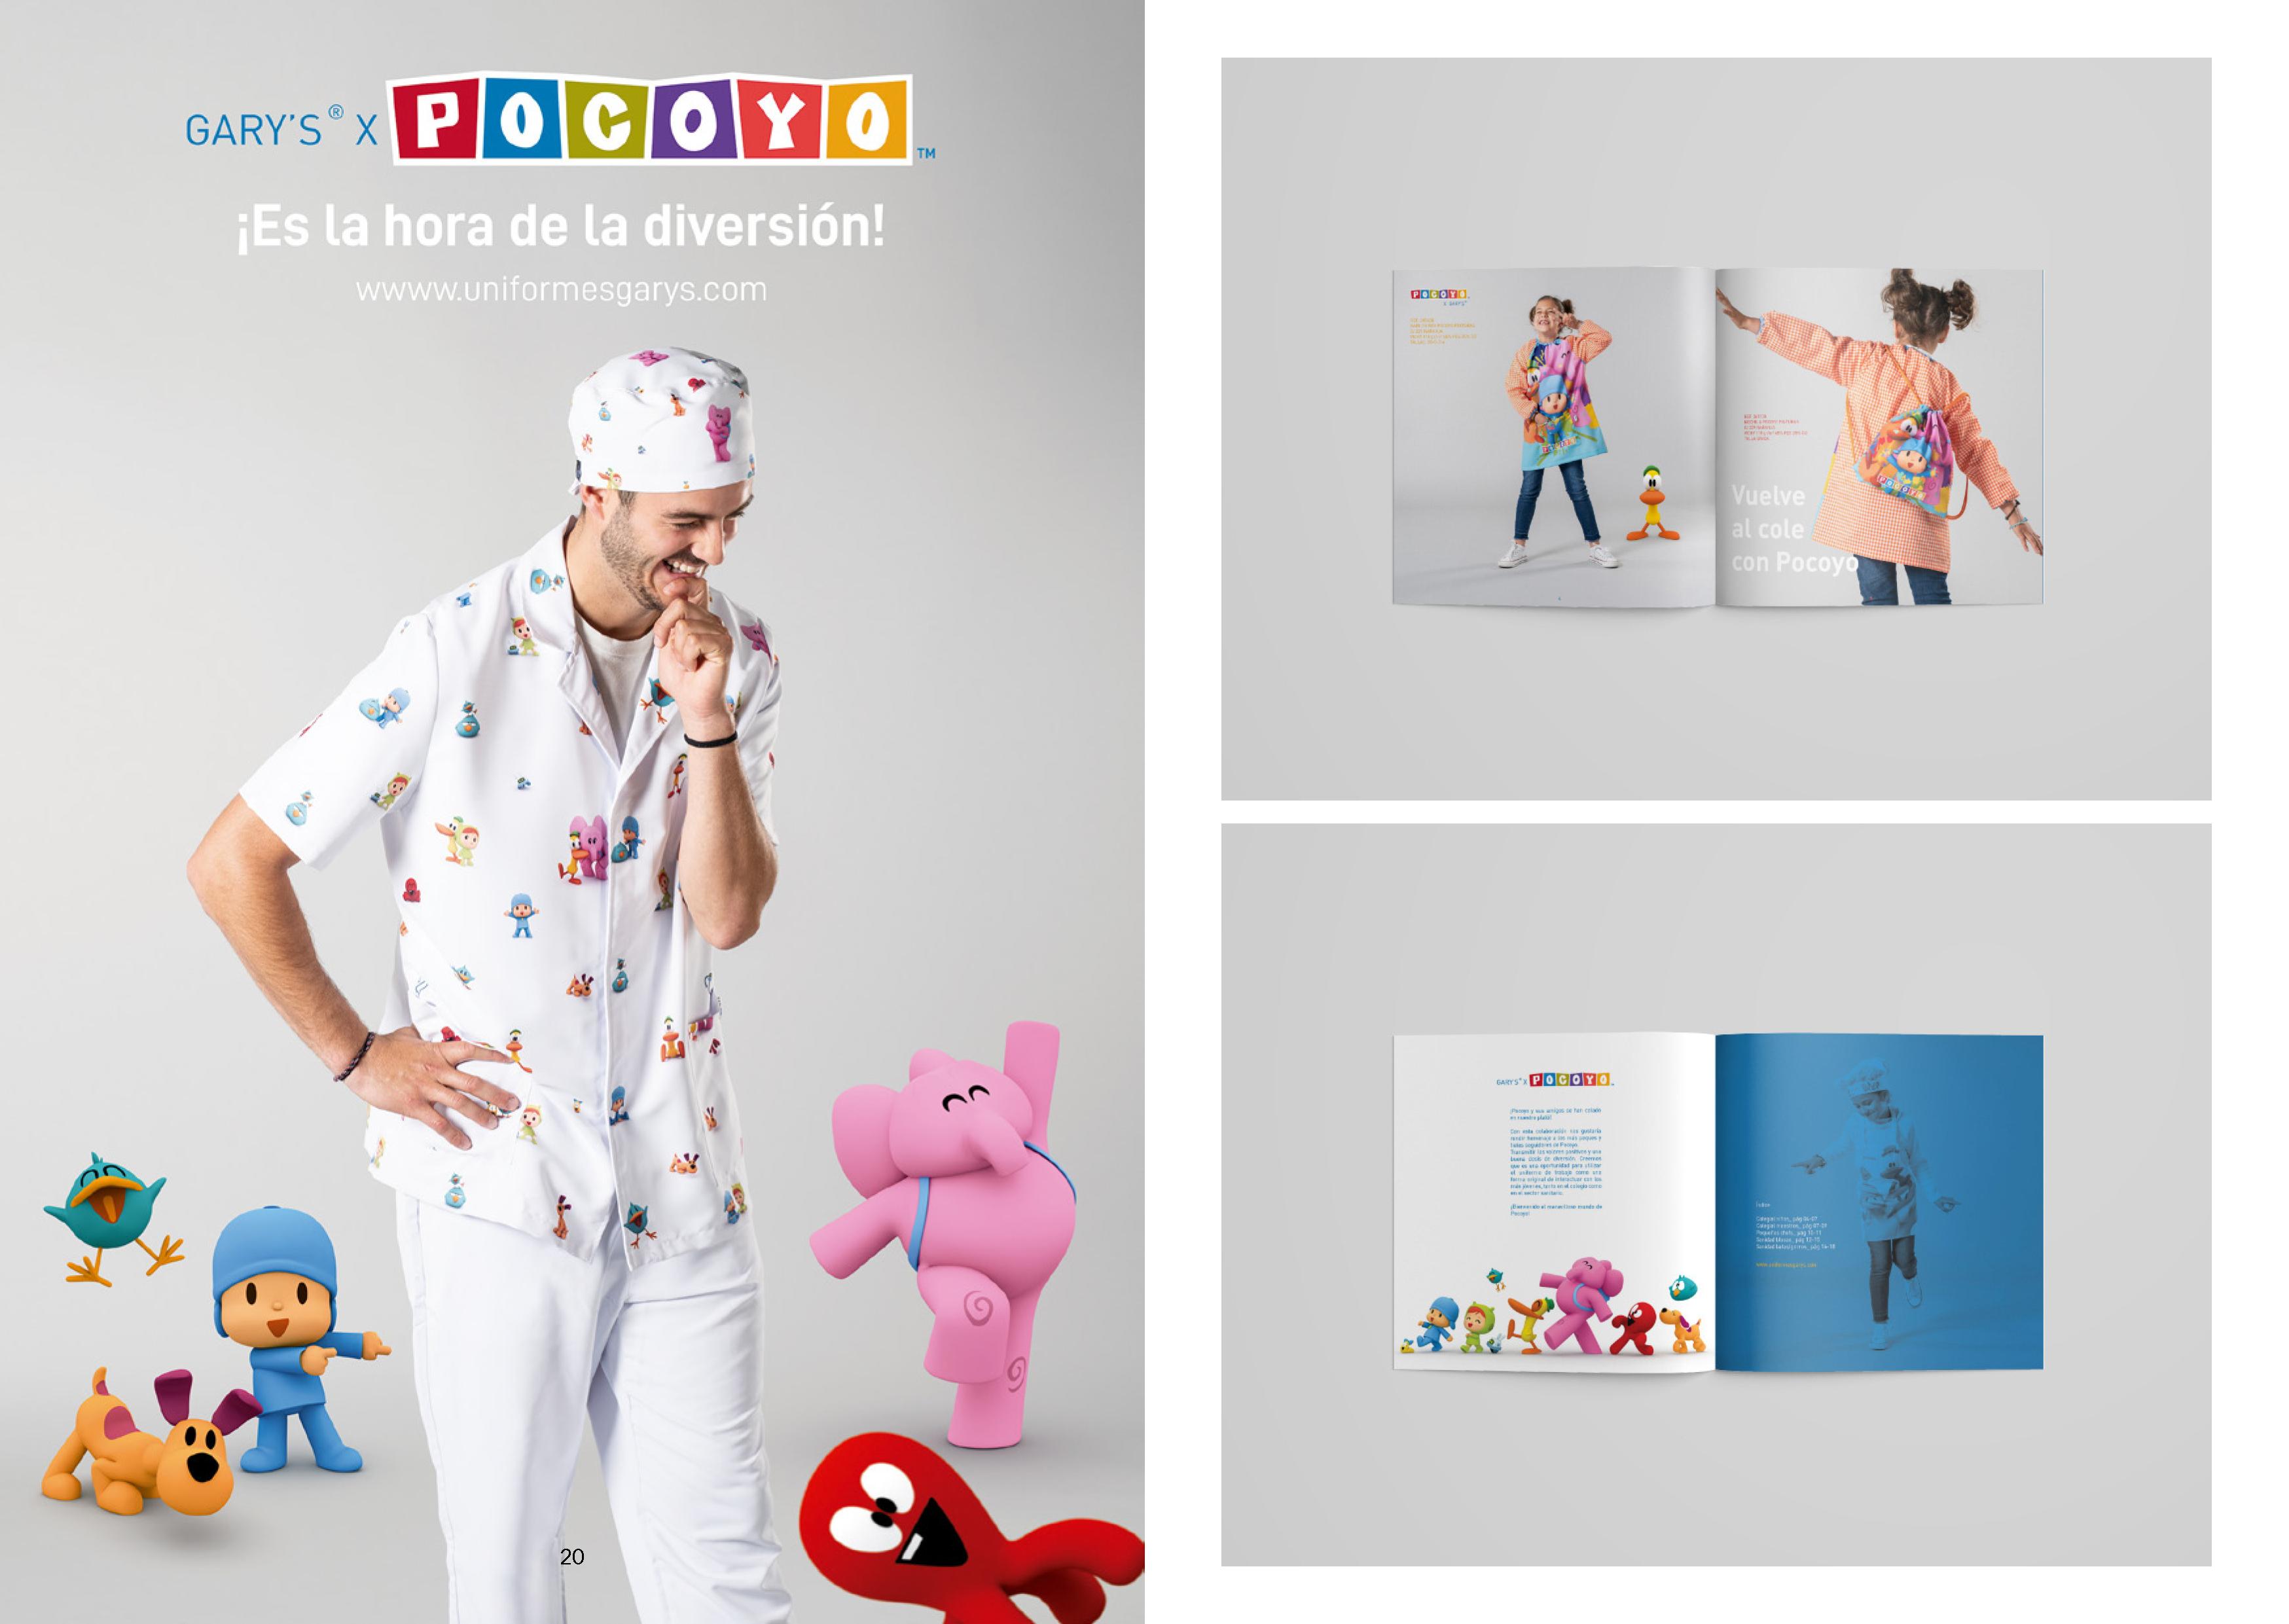 GarysxPocoyoDiseño de catálogo y publicidad